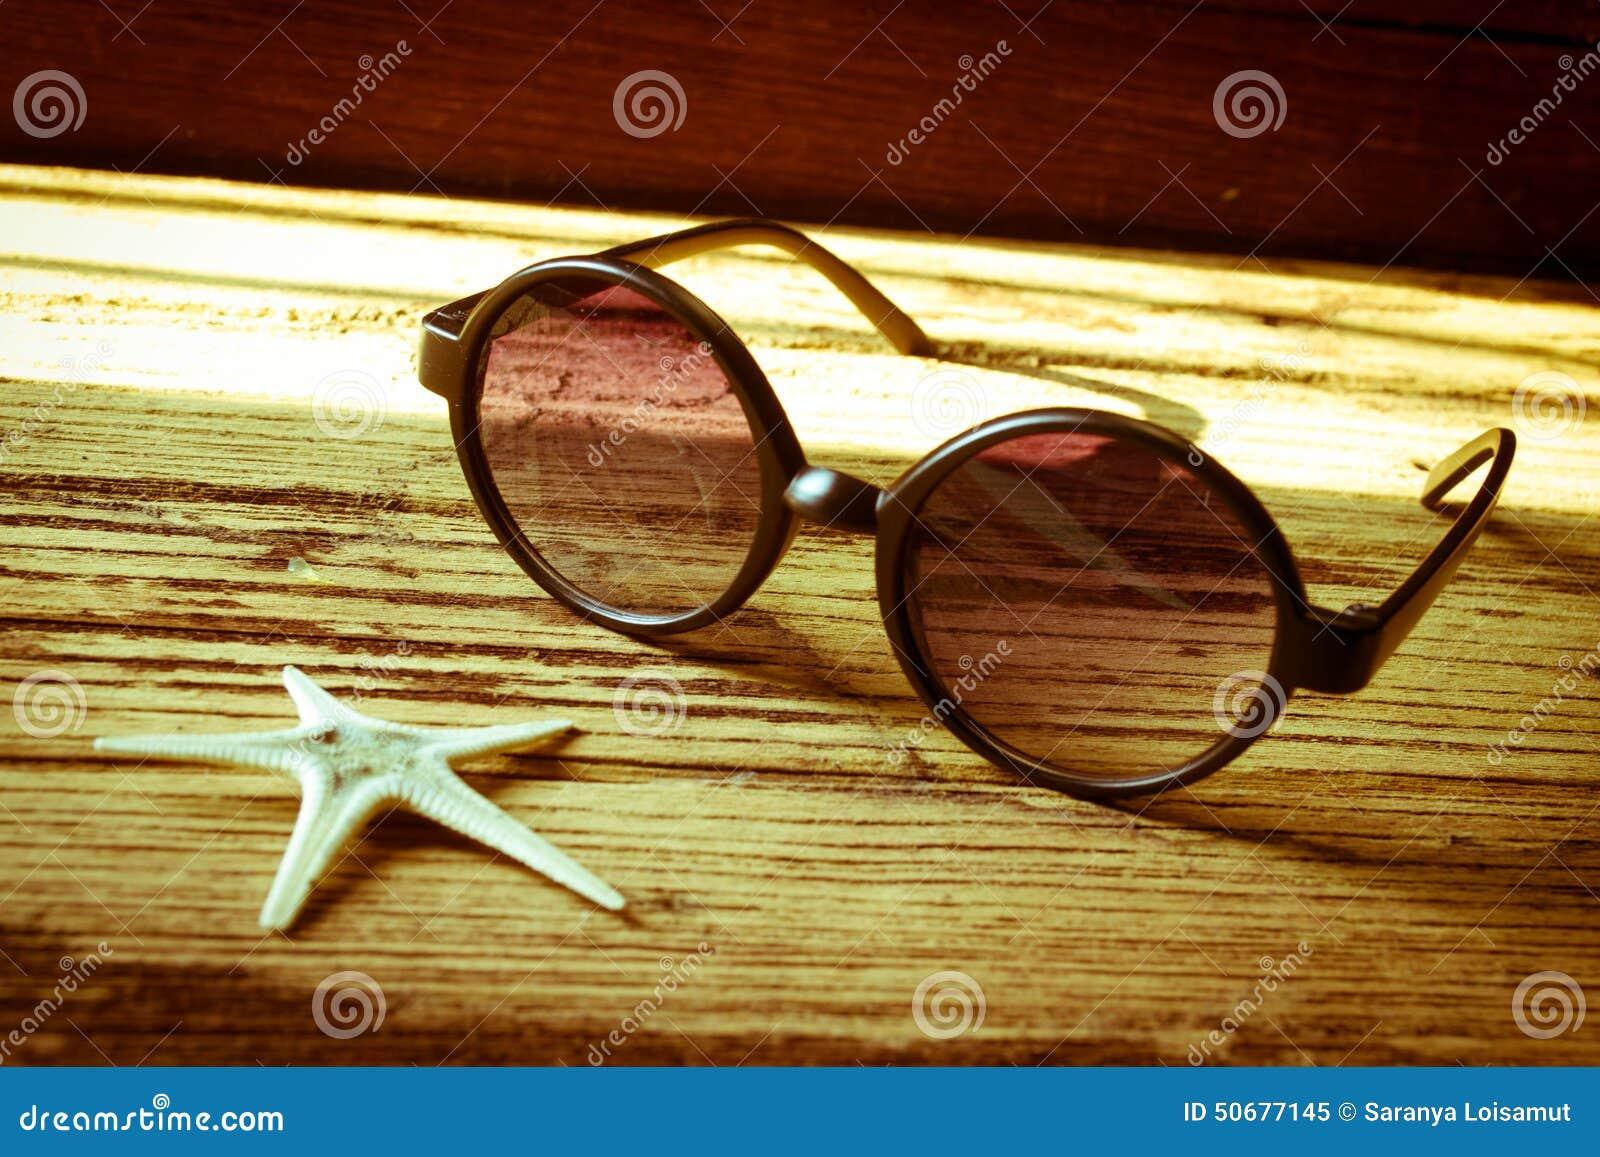 Download 太阳镜和海星在木 库存图片. 图片 包括有 玻璃, 楼层, 没人, 降低, 生活方式, 生活, 创造性, 太阳镜 - 50677145